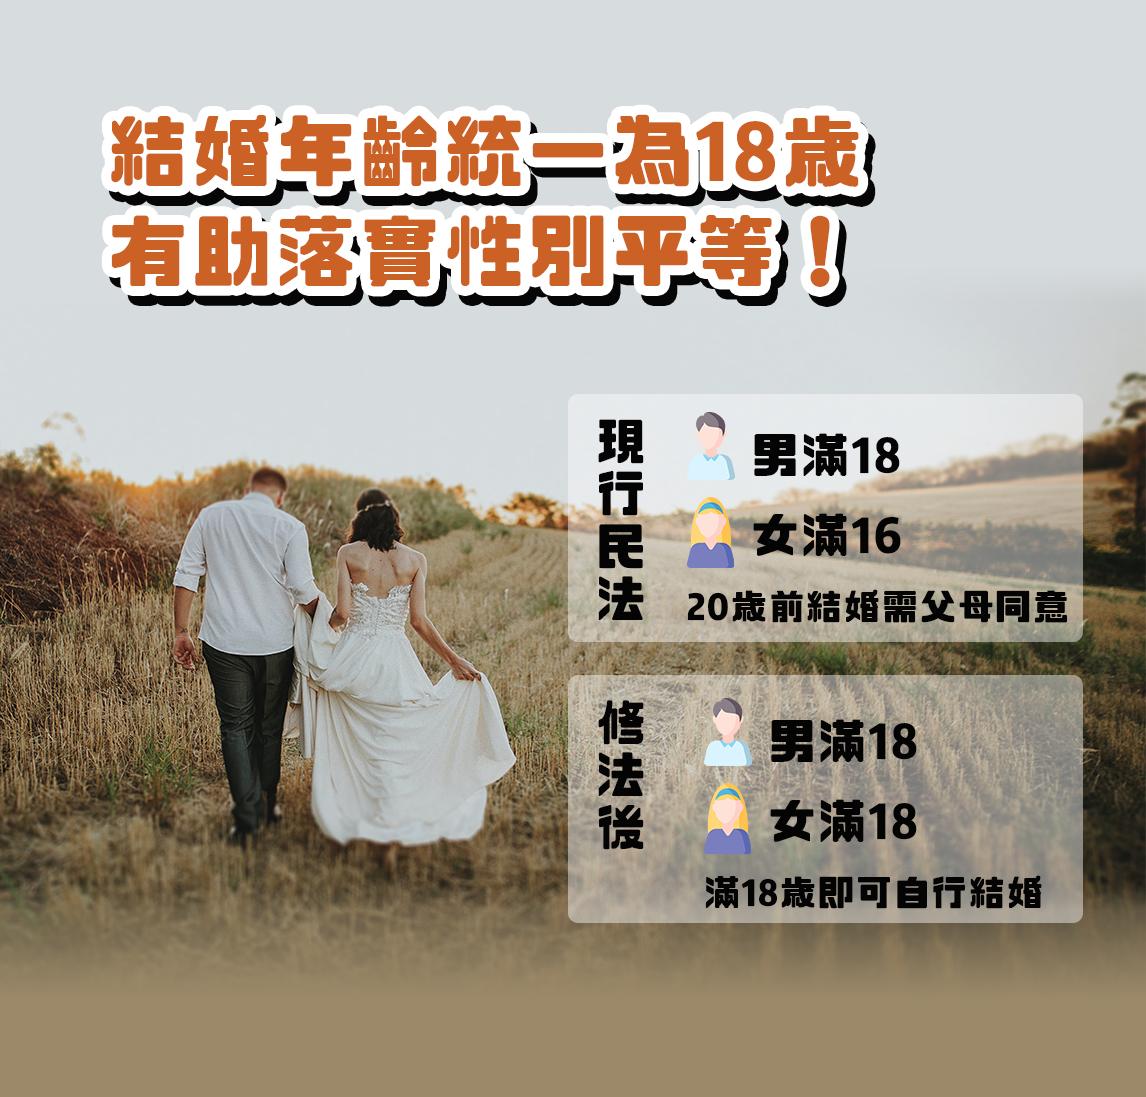 不分性別 結婚年齡統一為18歲